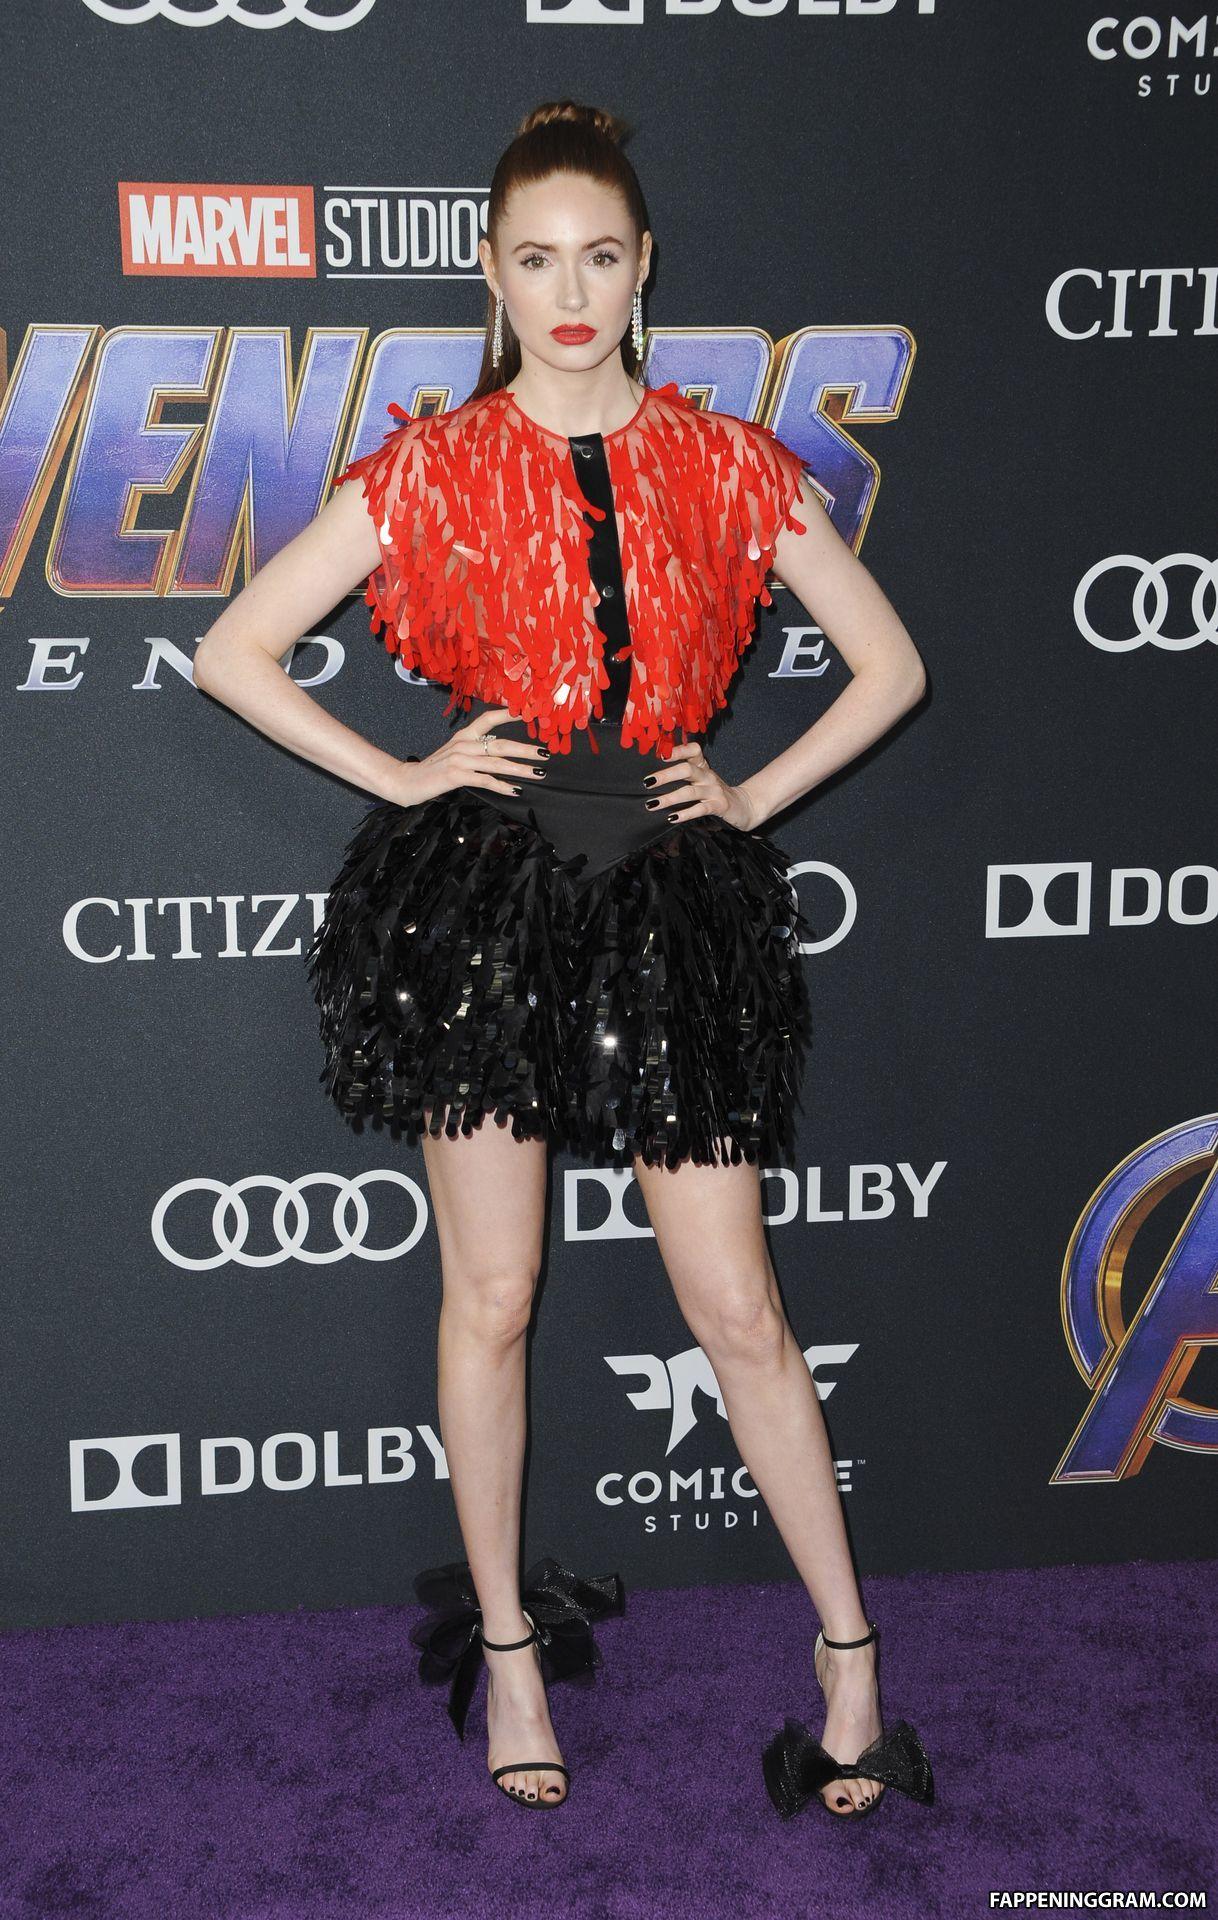 Карен Гиллан (Karen Gillan) в платье с бахромой